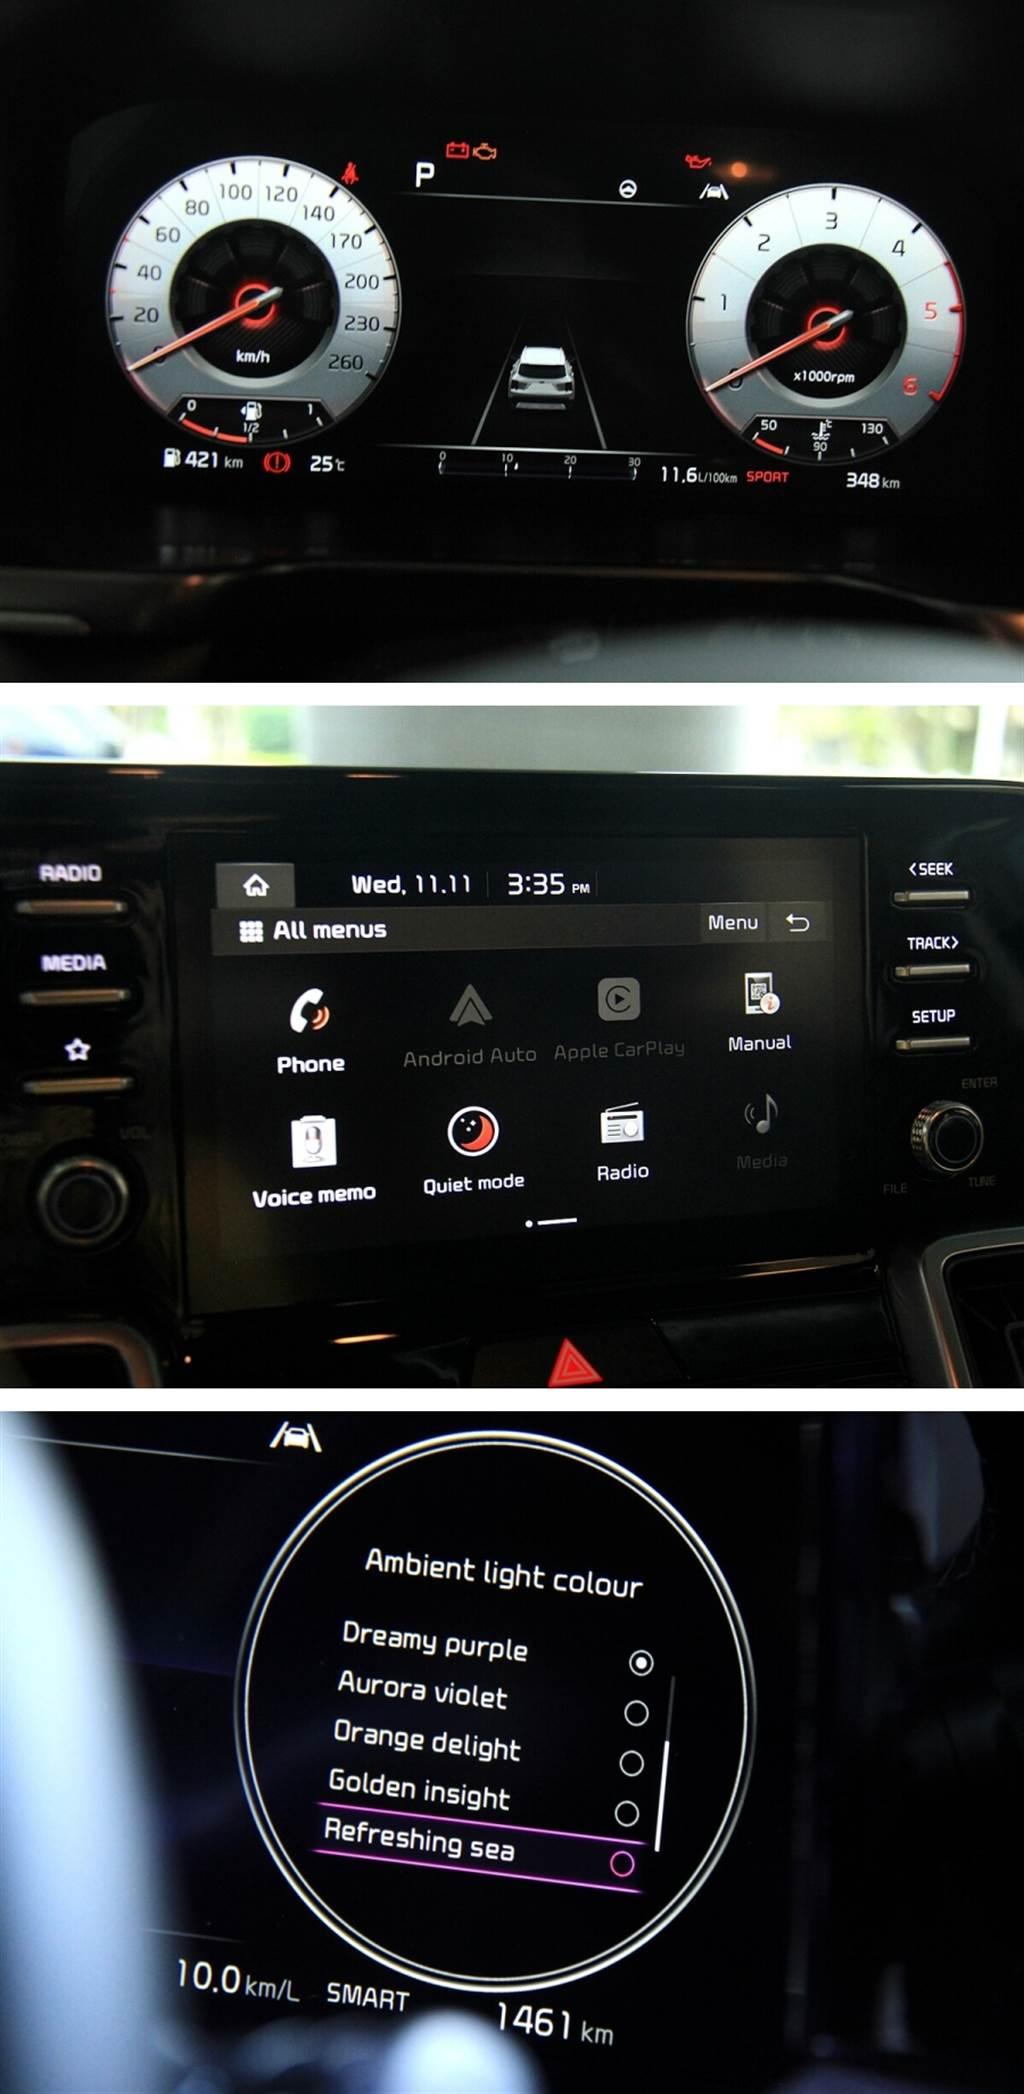 多數的車輛功能設定與切換(例如:頭燈照明、七色氛圍燈的顏色切換),都會直接在數位駕駛儀錶的右側大圓中顯示,不僅便是更為方便,也免除在行進間轉移注意力至中央螢幕或大燈開關,所可能造成的行車危險。